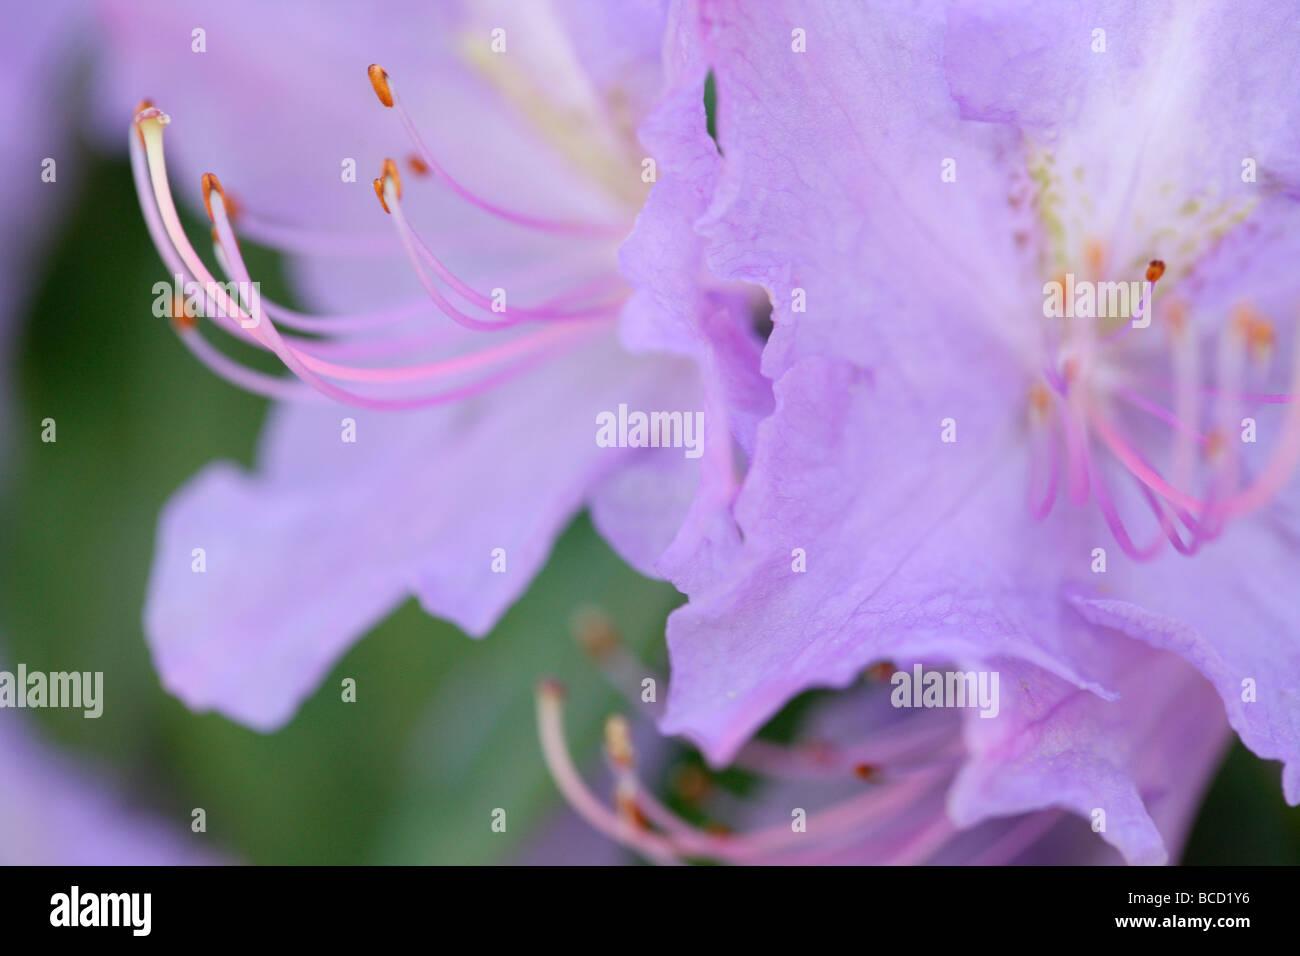 wunderschöne Farbe Blume weich ätherisch und elegant Azaleen Kunstfotografie Jane Ann Butler Fotografie Stockbild